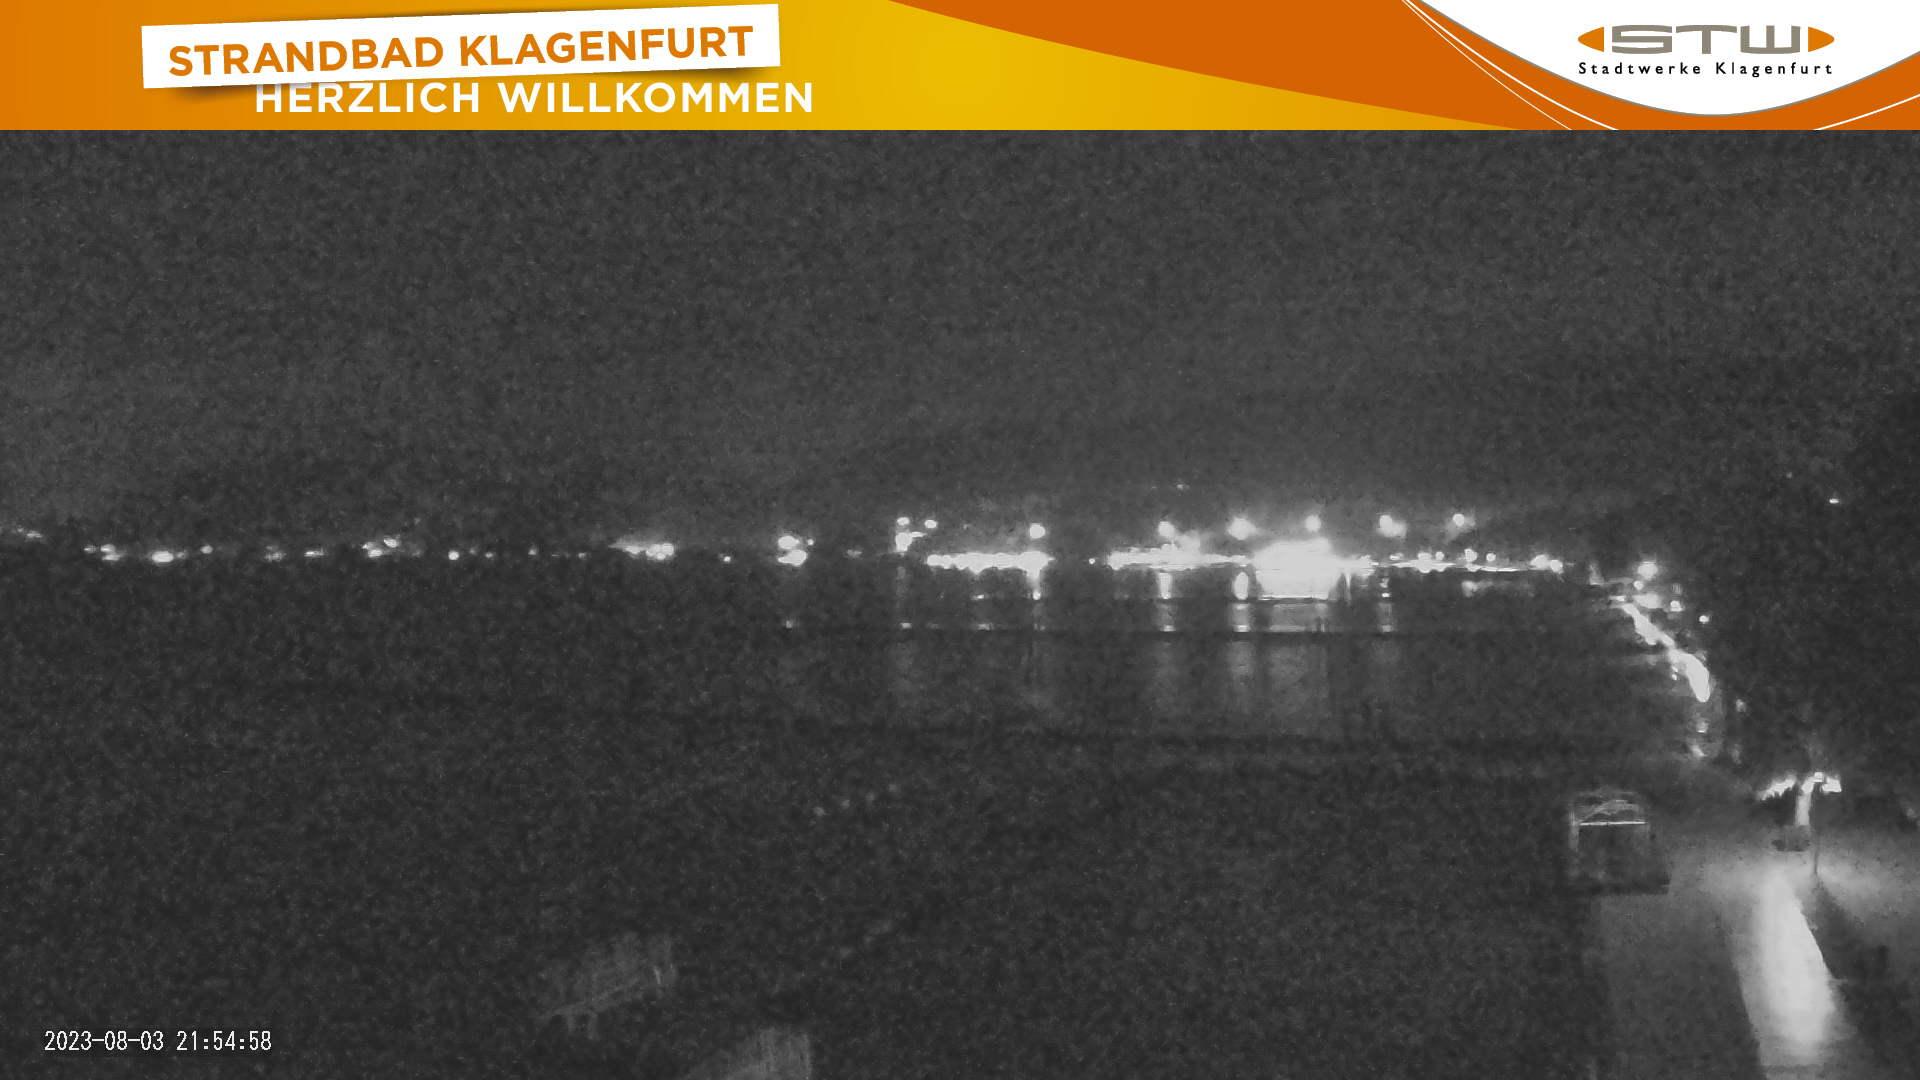 WEBkamera Klagenfurt - městské koupaliště